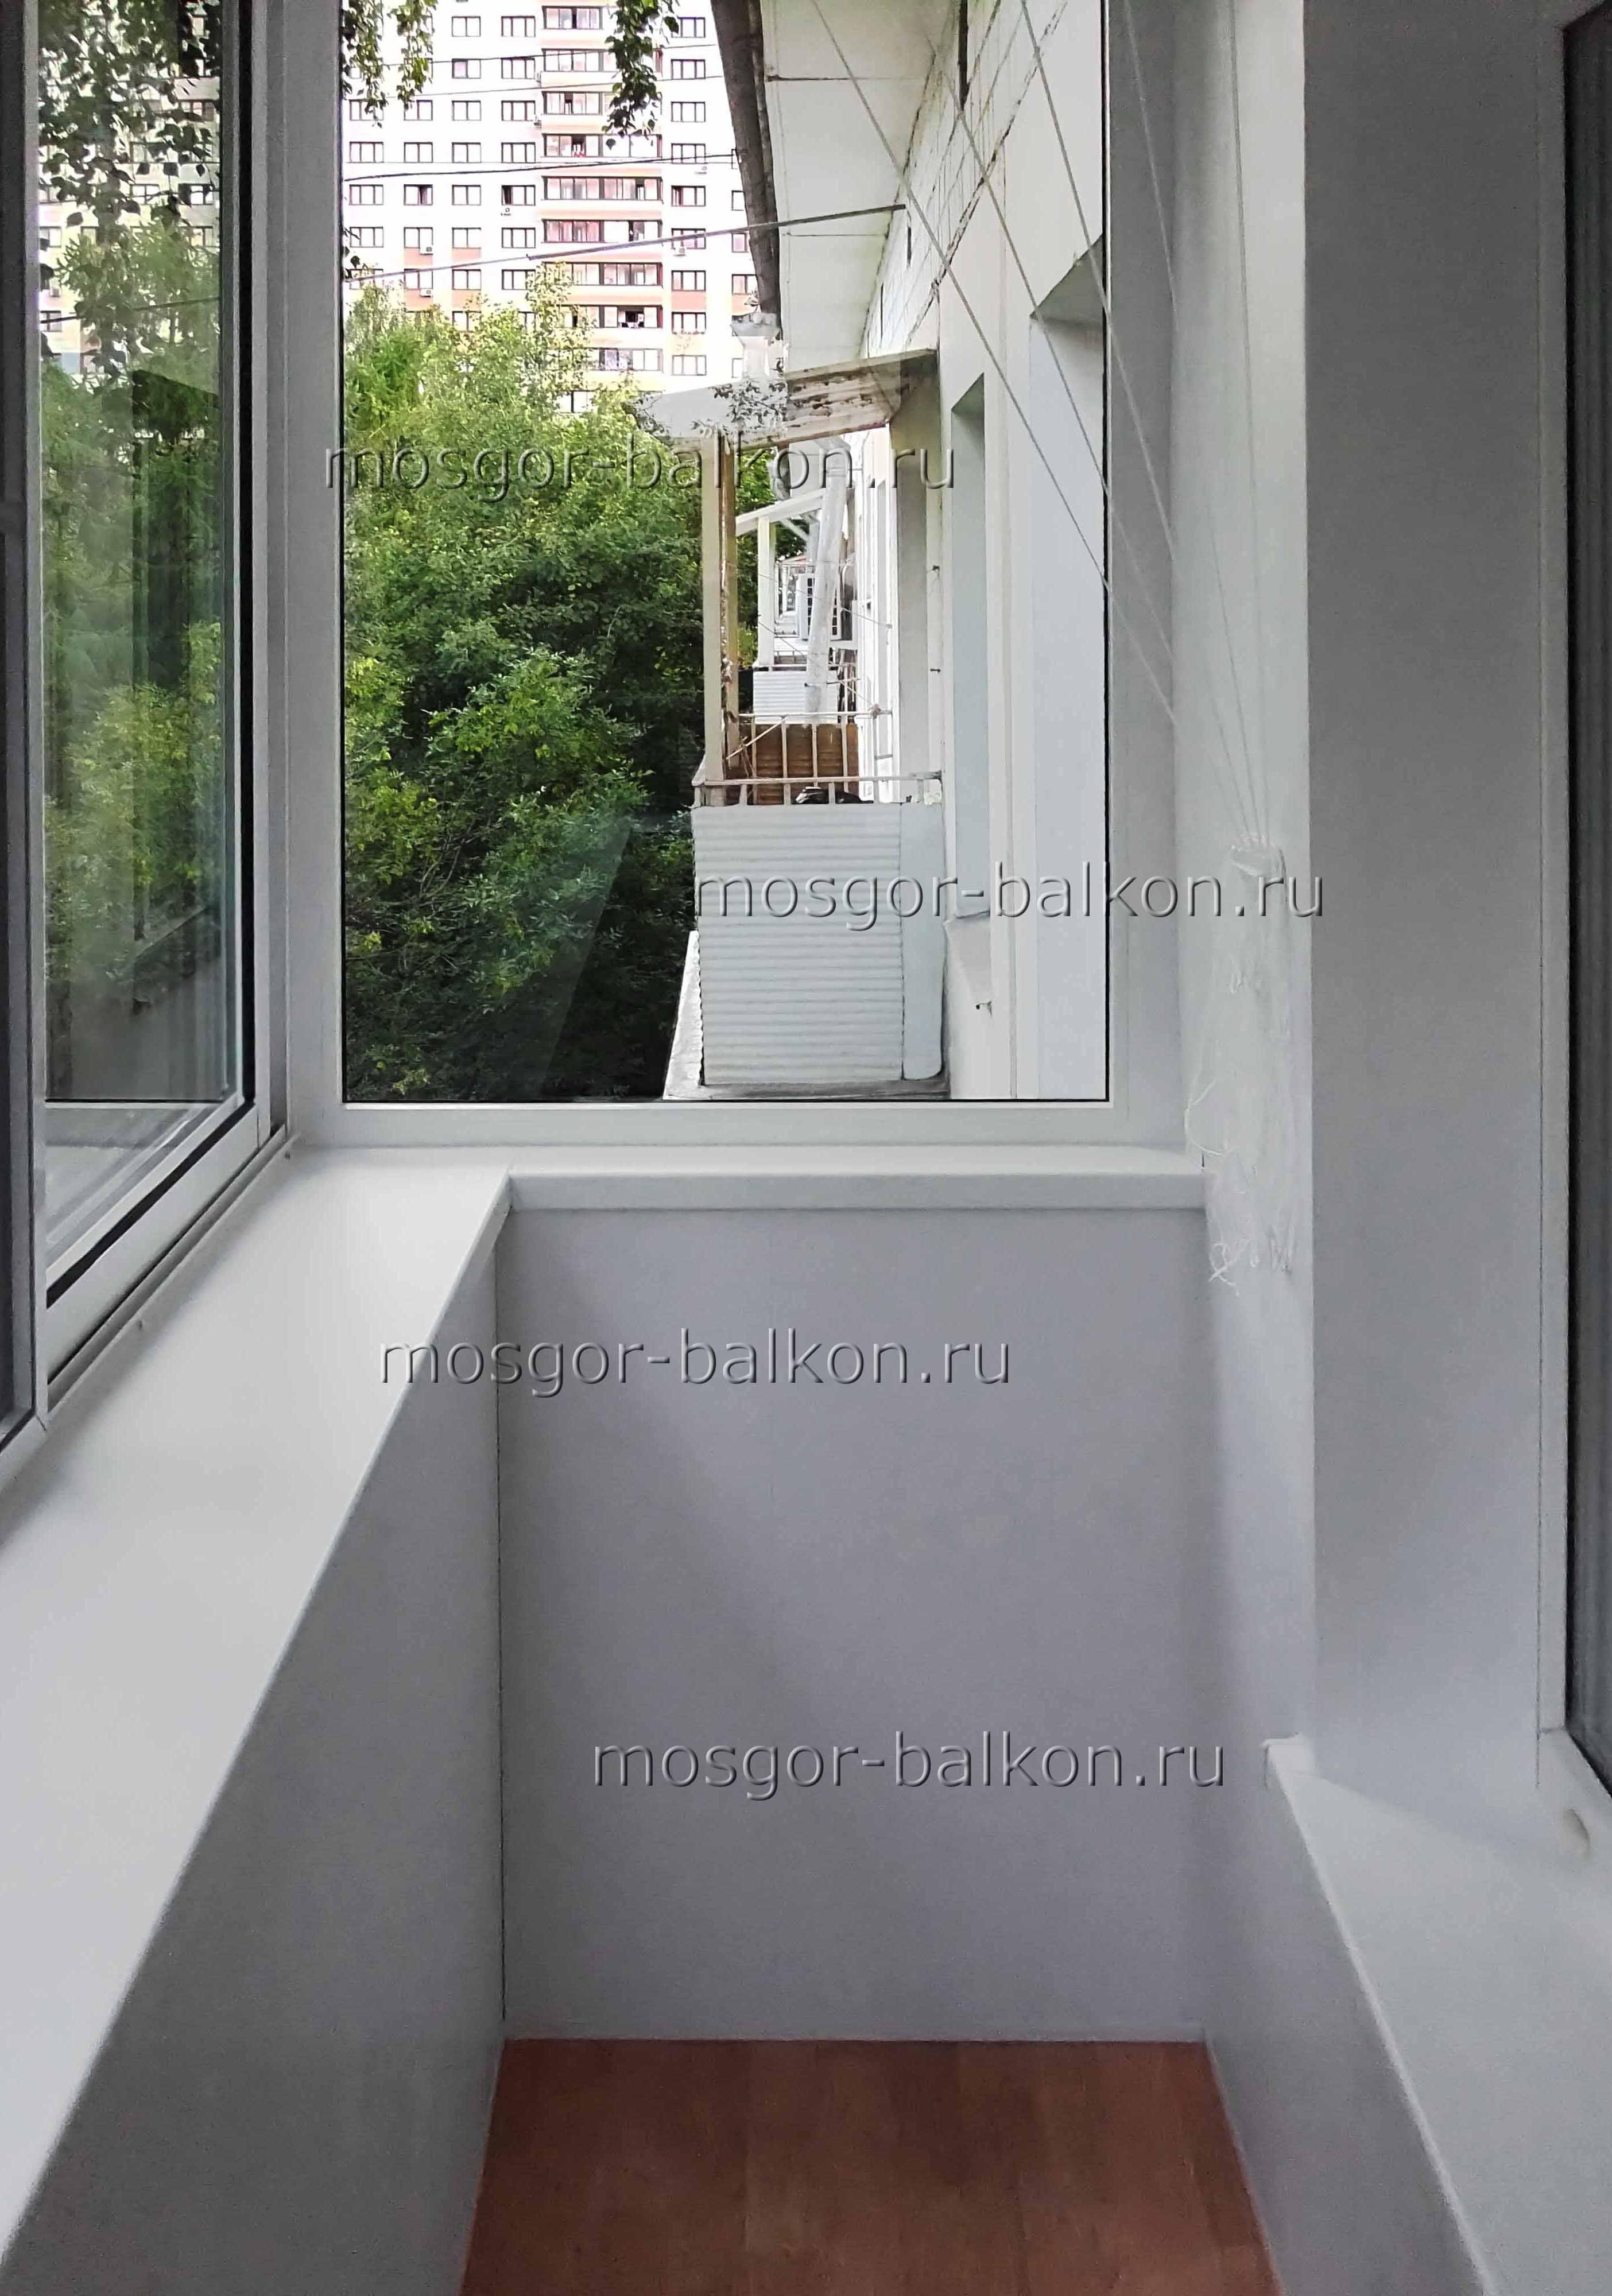 Застеклить балкон 3 метра в москве. балконы 3 метра - mosgor.